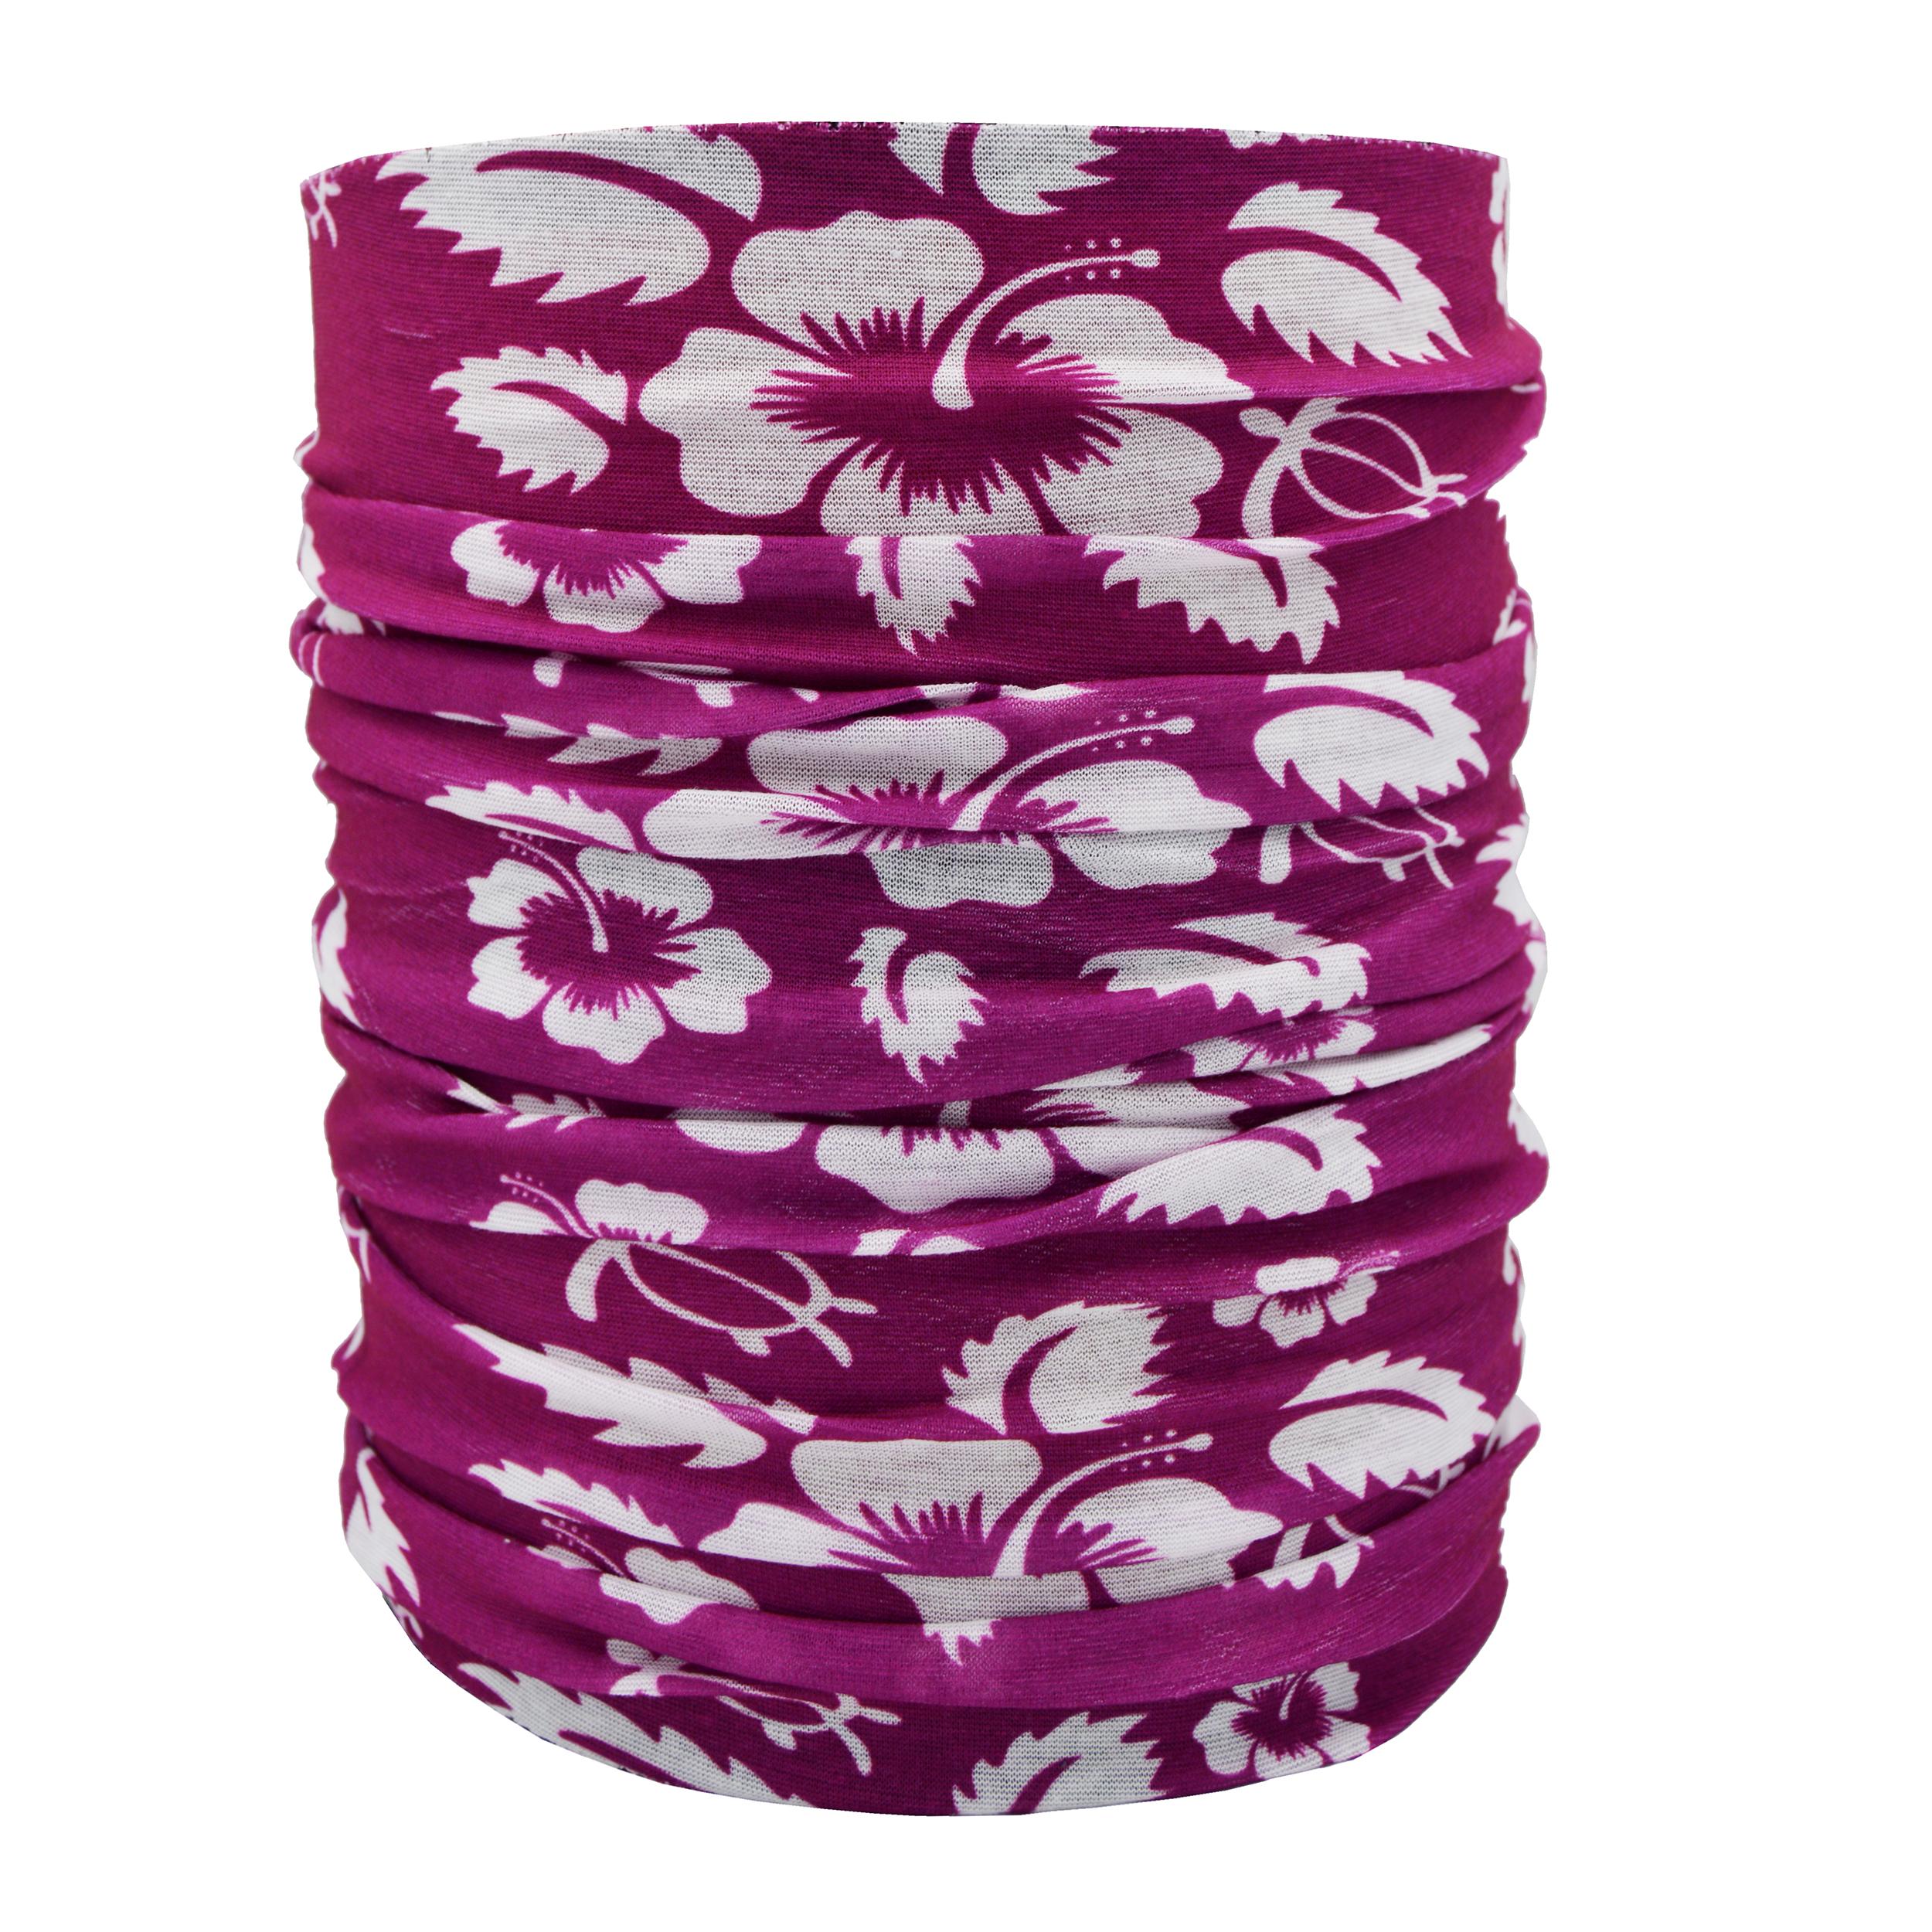 دستمال سر و گردن طرح Flower کد fw 1001